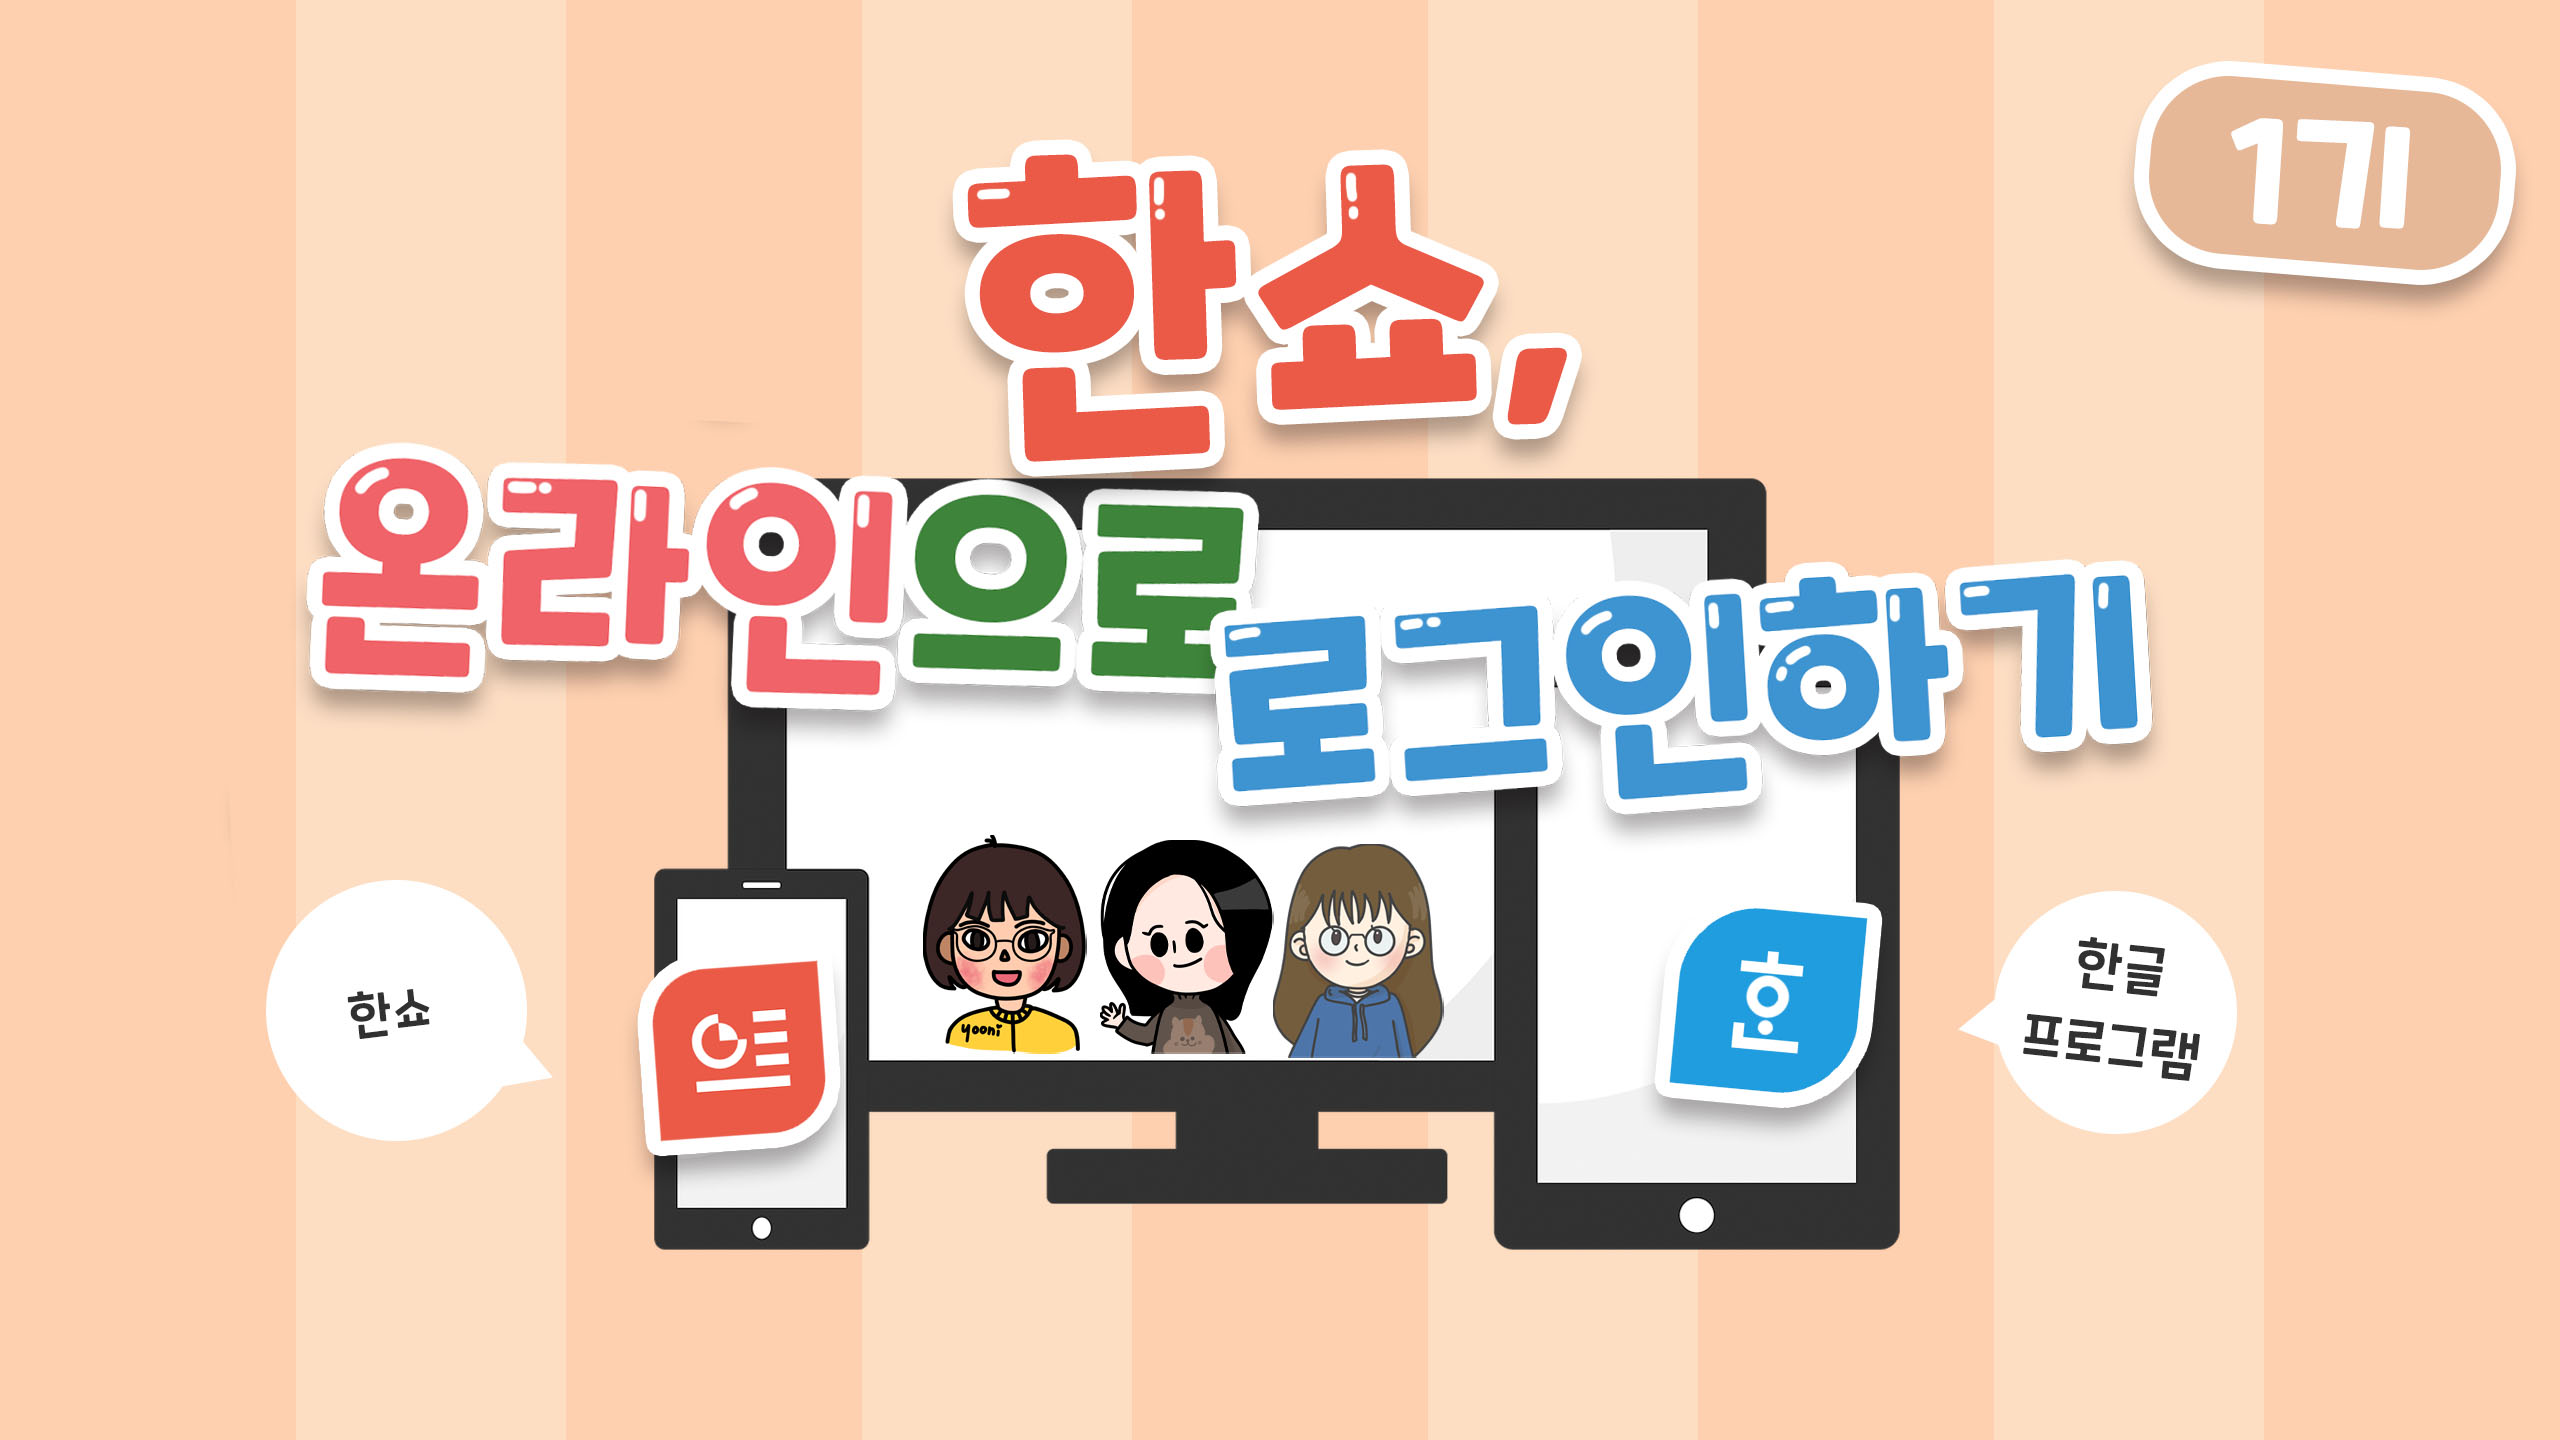 온라인 수업, 한쇼로 로그인하기(1기)